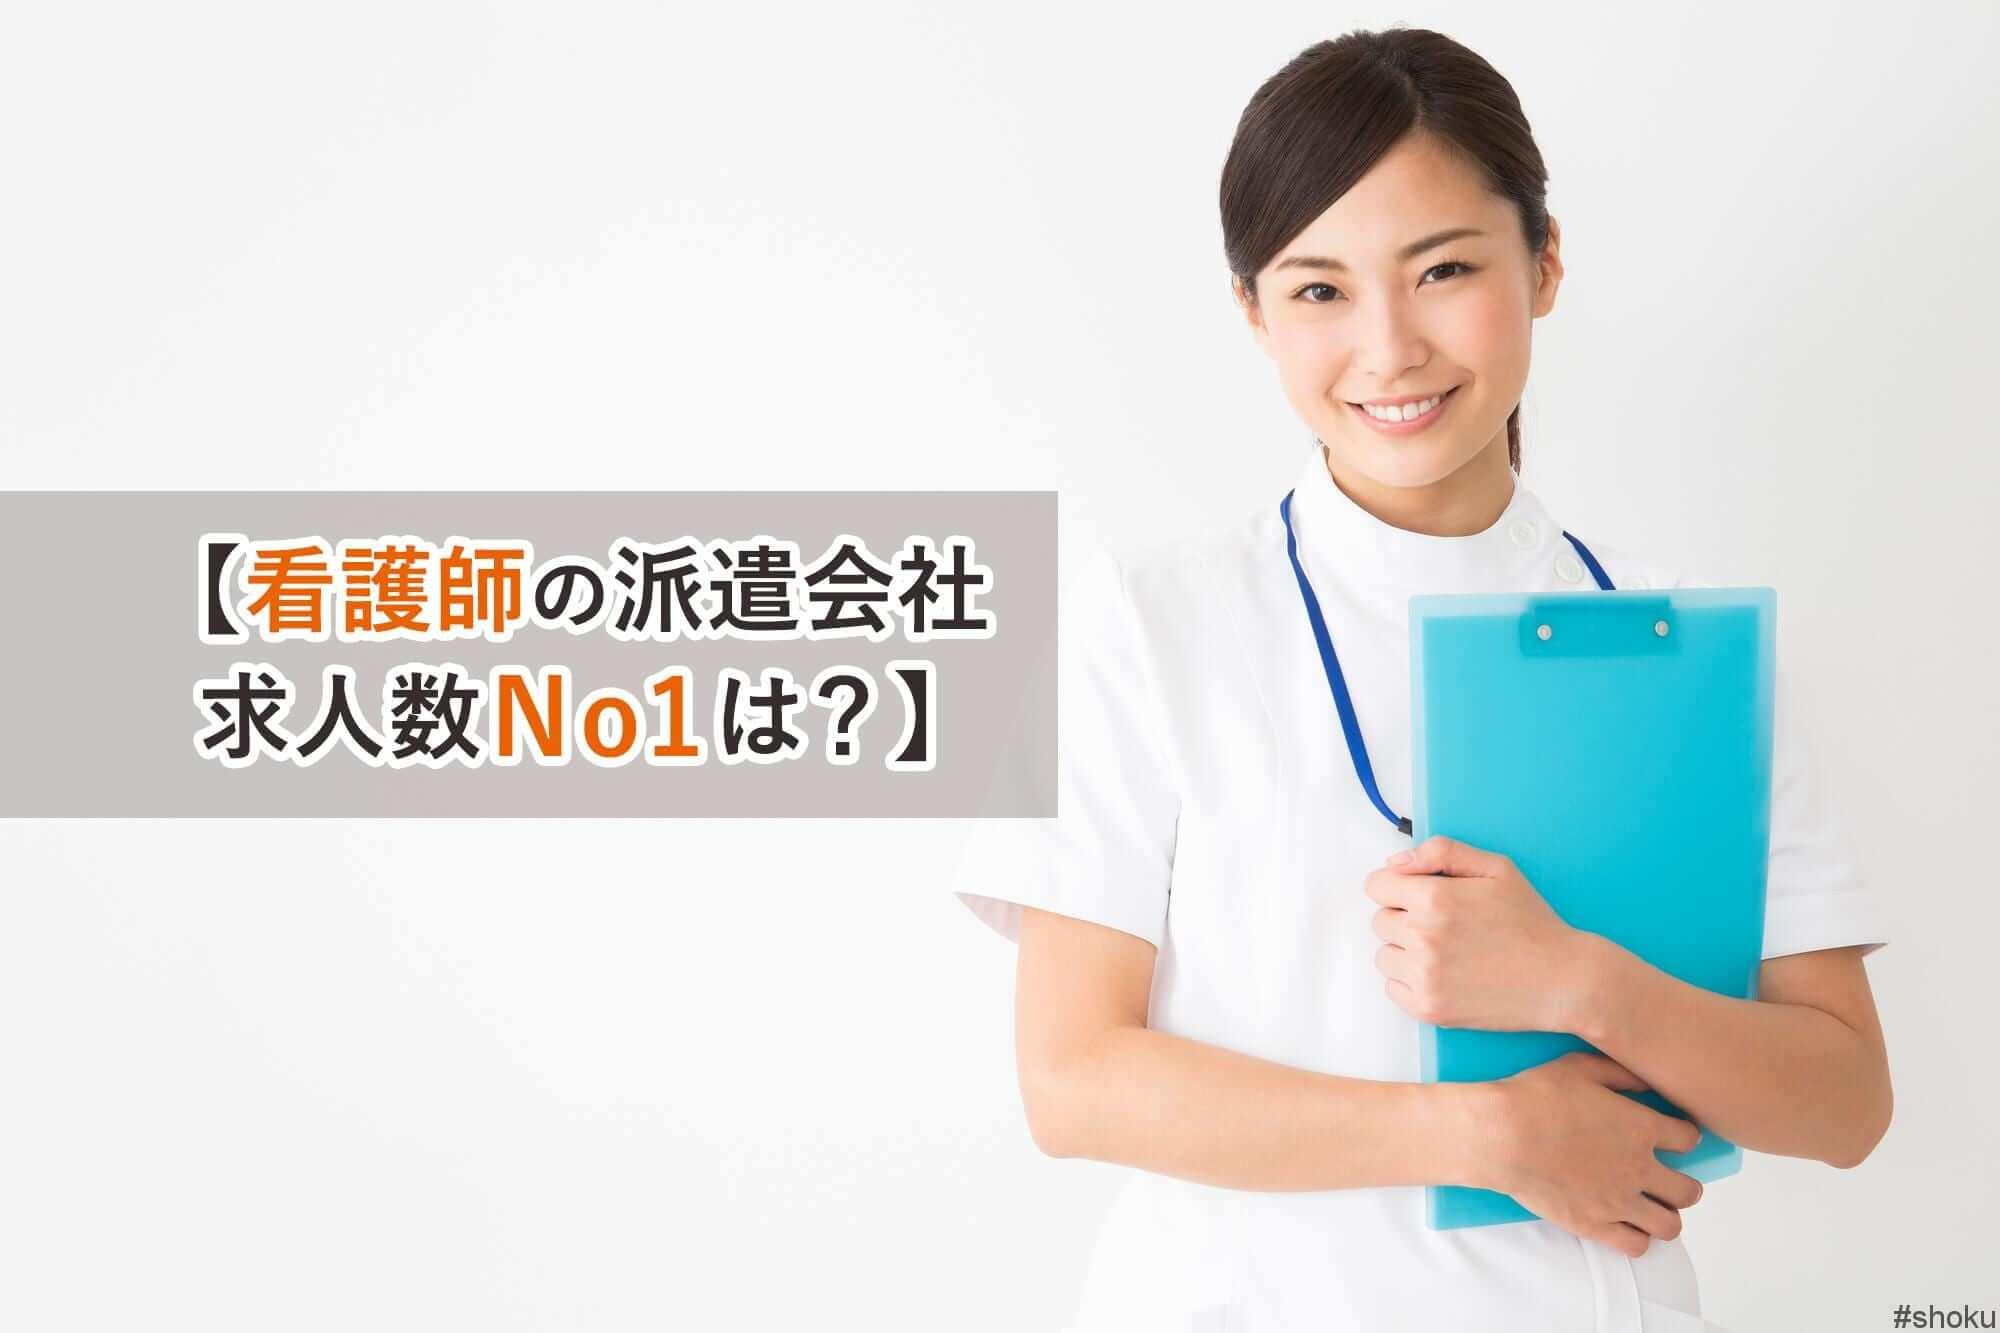 【派遣のプロが語る】看護師派遣におすすめの派遣会社ランキング/2021年版